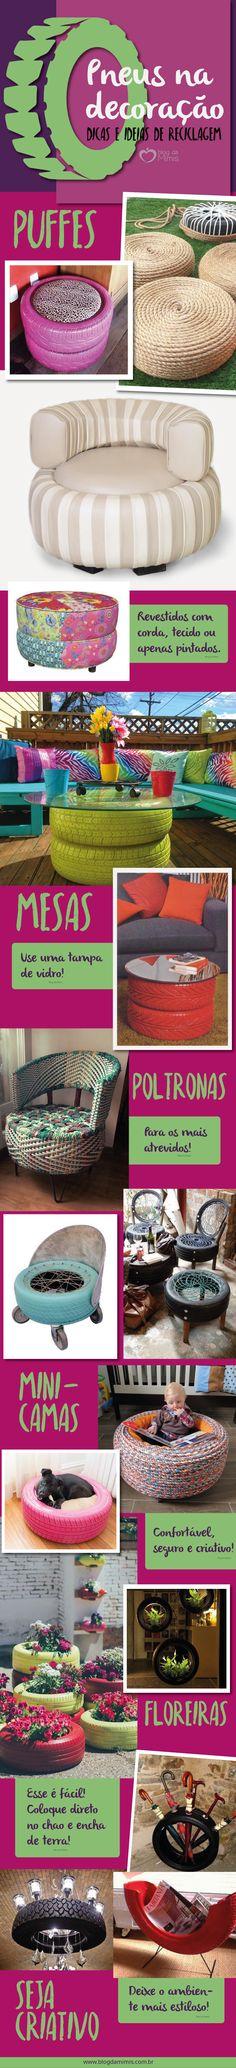 Pneus na decoração: dicas e ideias de reciclagem - Blog da Mimis #blogdamimis #pneus #reciclagem #decor #diy